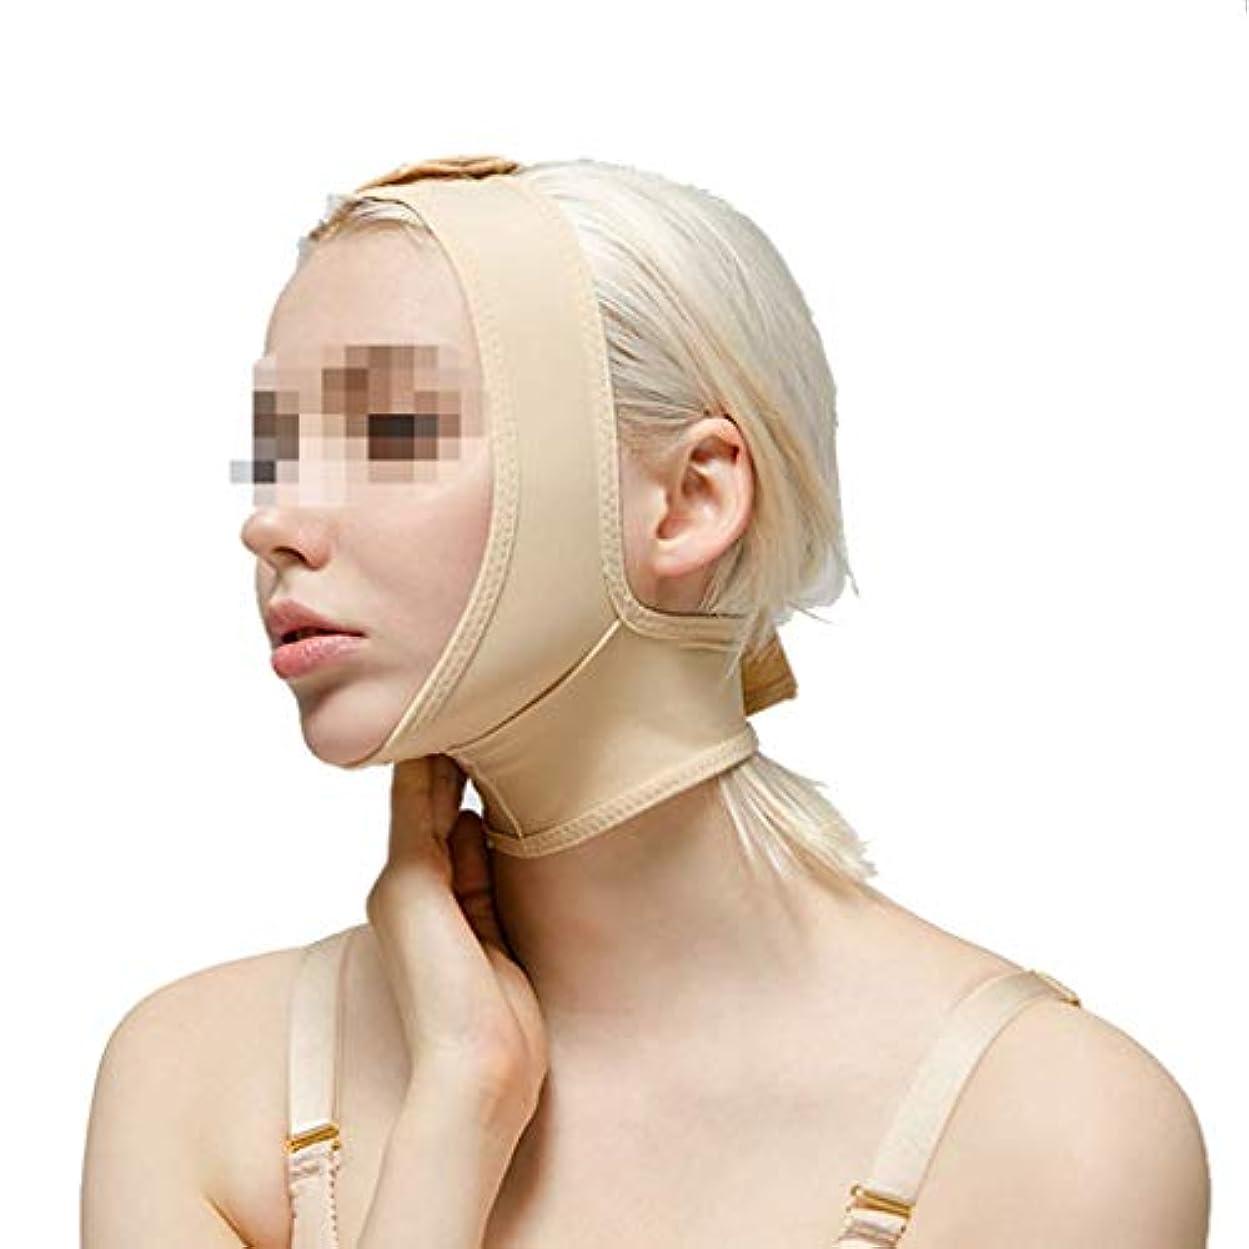 ディスカウント前任者コーチ術後伸縮性スリーブ、下顎束フェイスバンデージフェイシャルビームダブルチンシンフェイスマスクマルチサイズオプション(サイズ:L),XS